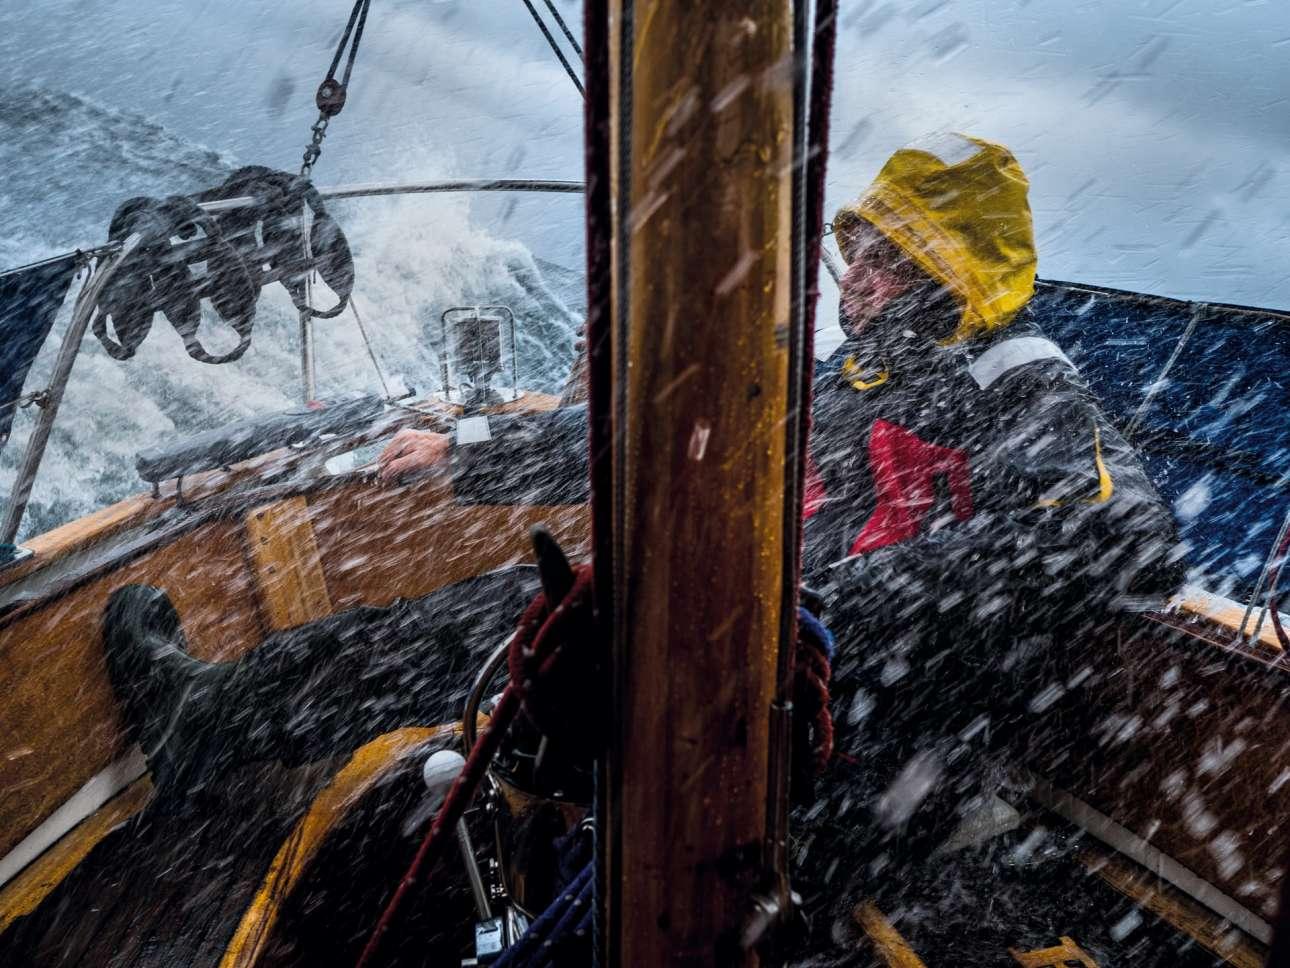 «Ζήσε την Περιπέτεια». Ο έμπειρος καπετάνιος Γιάσεκ Πασικόφσκι διασχίζει την Βαλτική Θάλασσα, από τις ακτές της Σουηδίας με κατεύθυνση την Πολωνία, μέσα σε τρομερή καταιγίδα και άγρια κύματα, παραμένοντας ήρεμος και χαλαρός